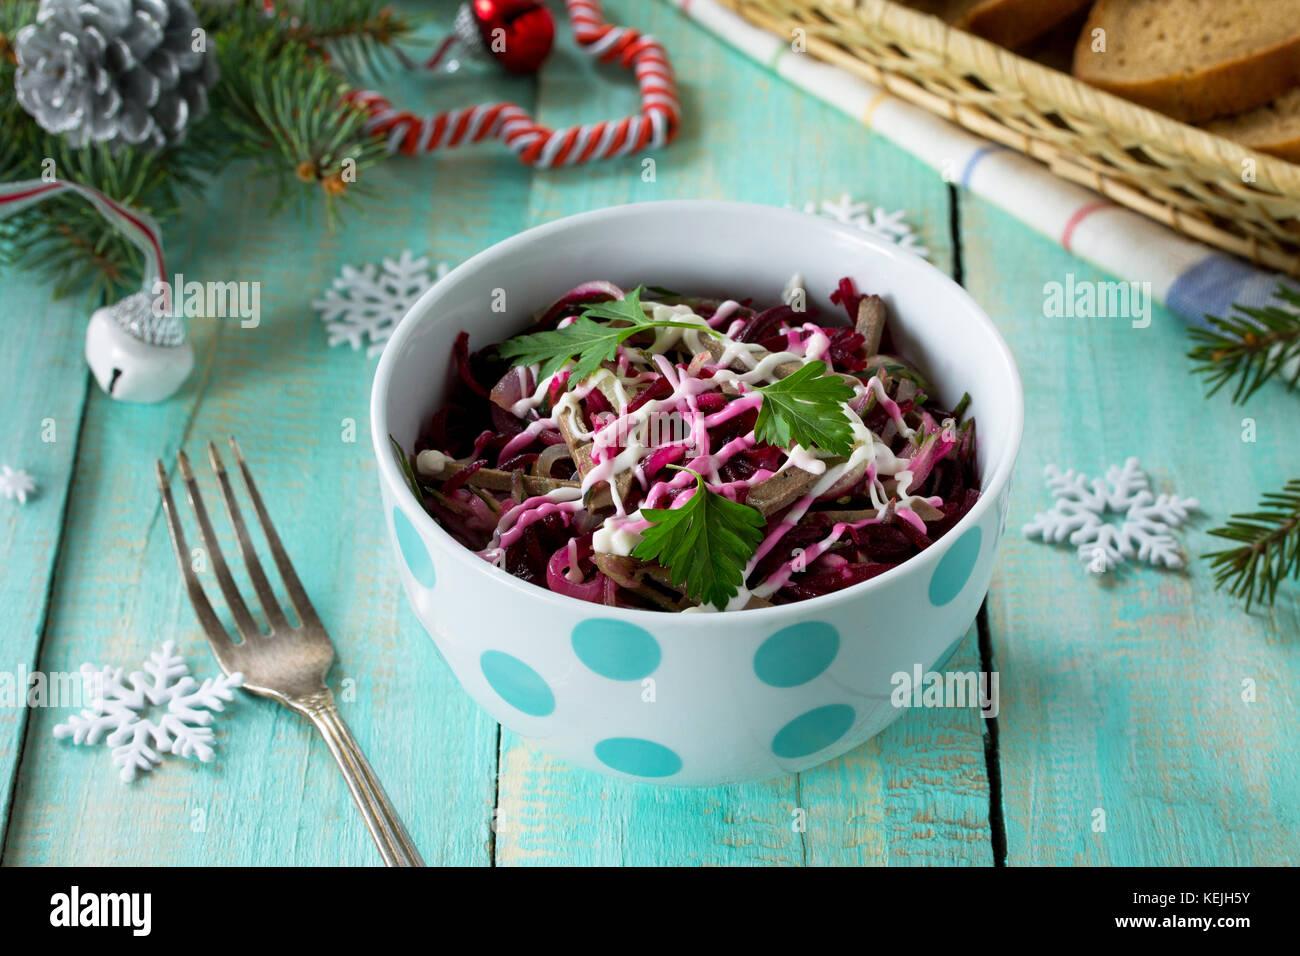 Antipasti Per Natale Di Carne.Antipasti Fatti In Casa Su Una Festa Di Natale Nella Tabella Con